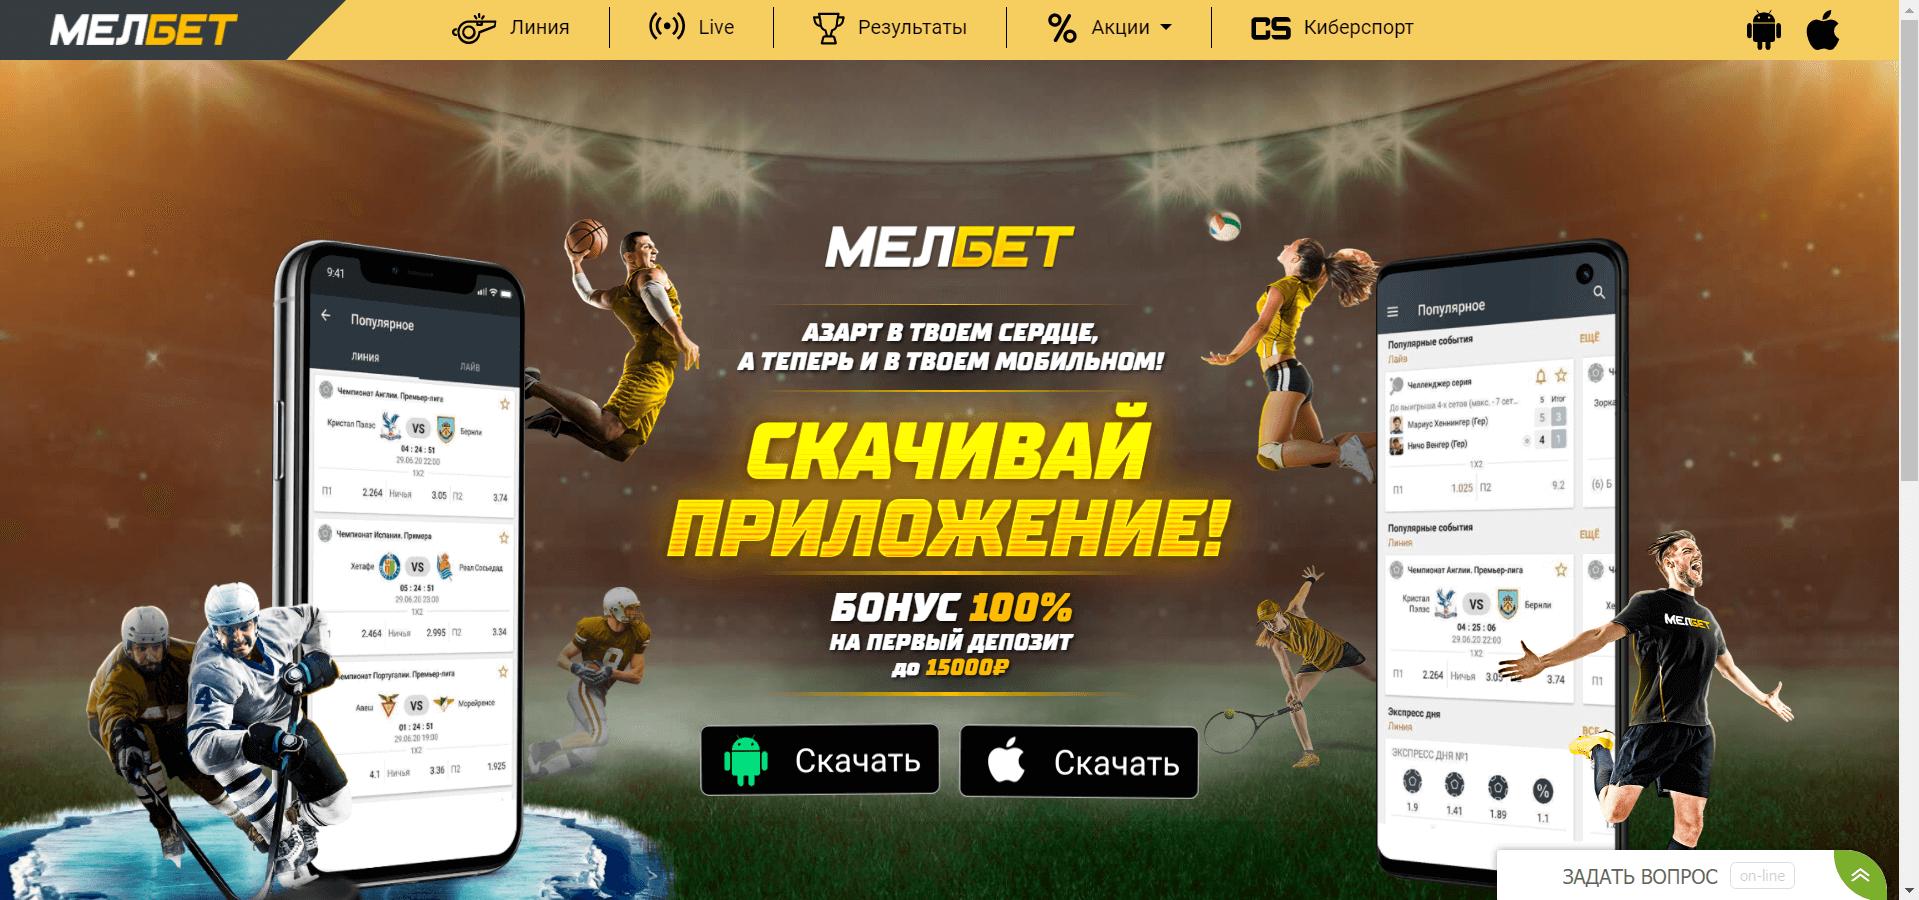 MelBet Мобильное приложение для iOS и Android